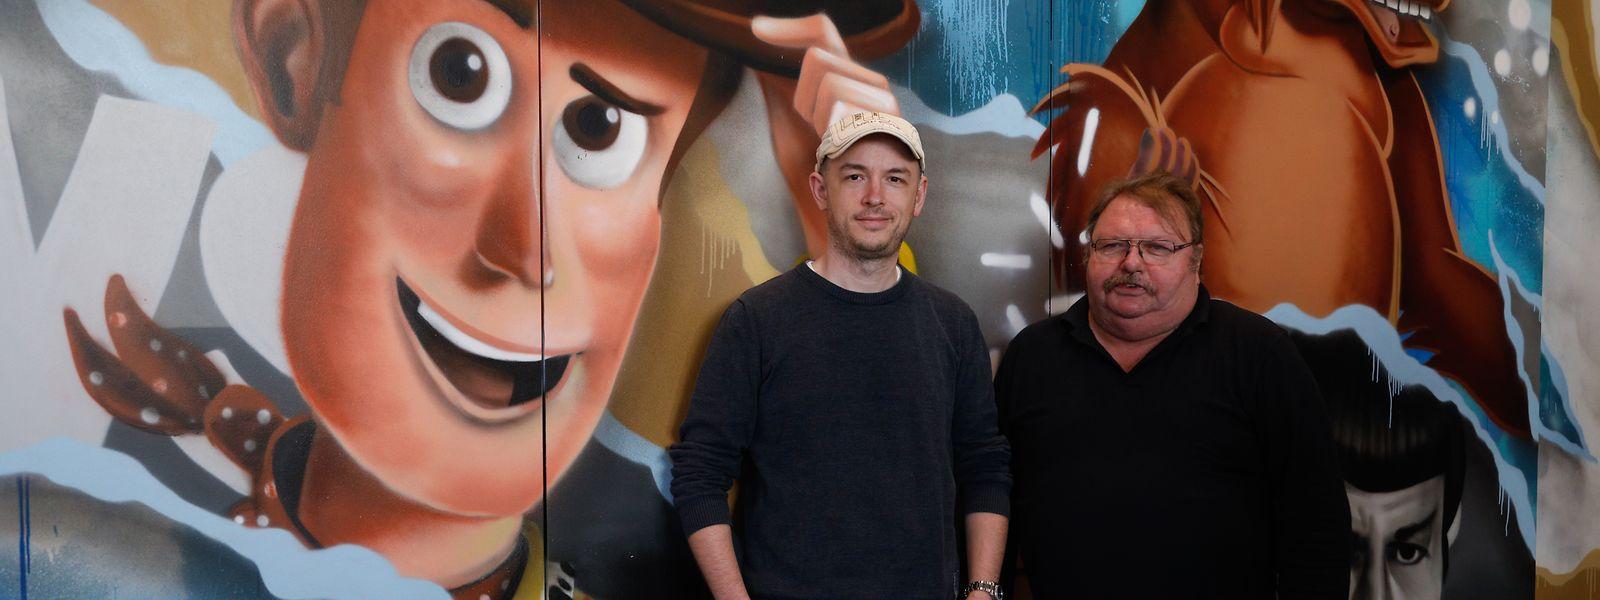 Marc Barnig (l.) und Henri Knuppertz sind zwei der Ehrenamtlichen, die einen großen Teil ihrer Freizeit dem Betrieb des Kinoler widmen.